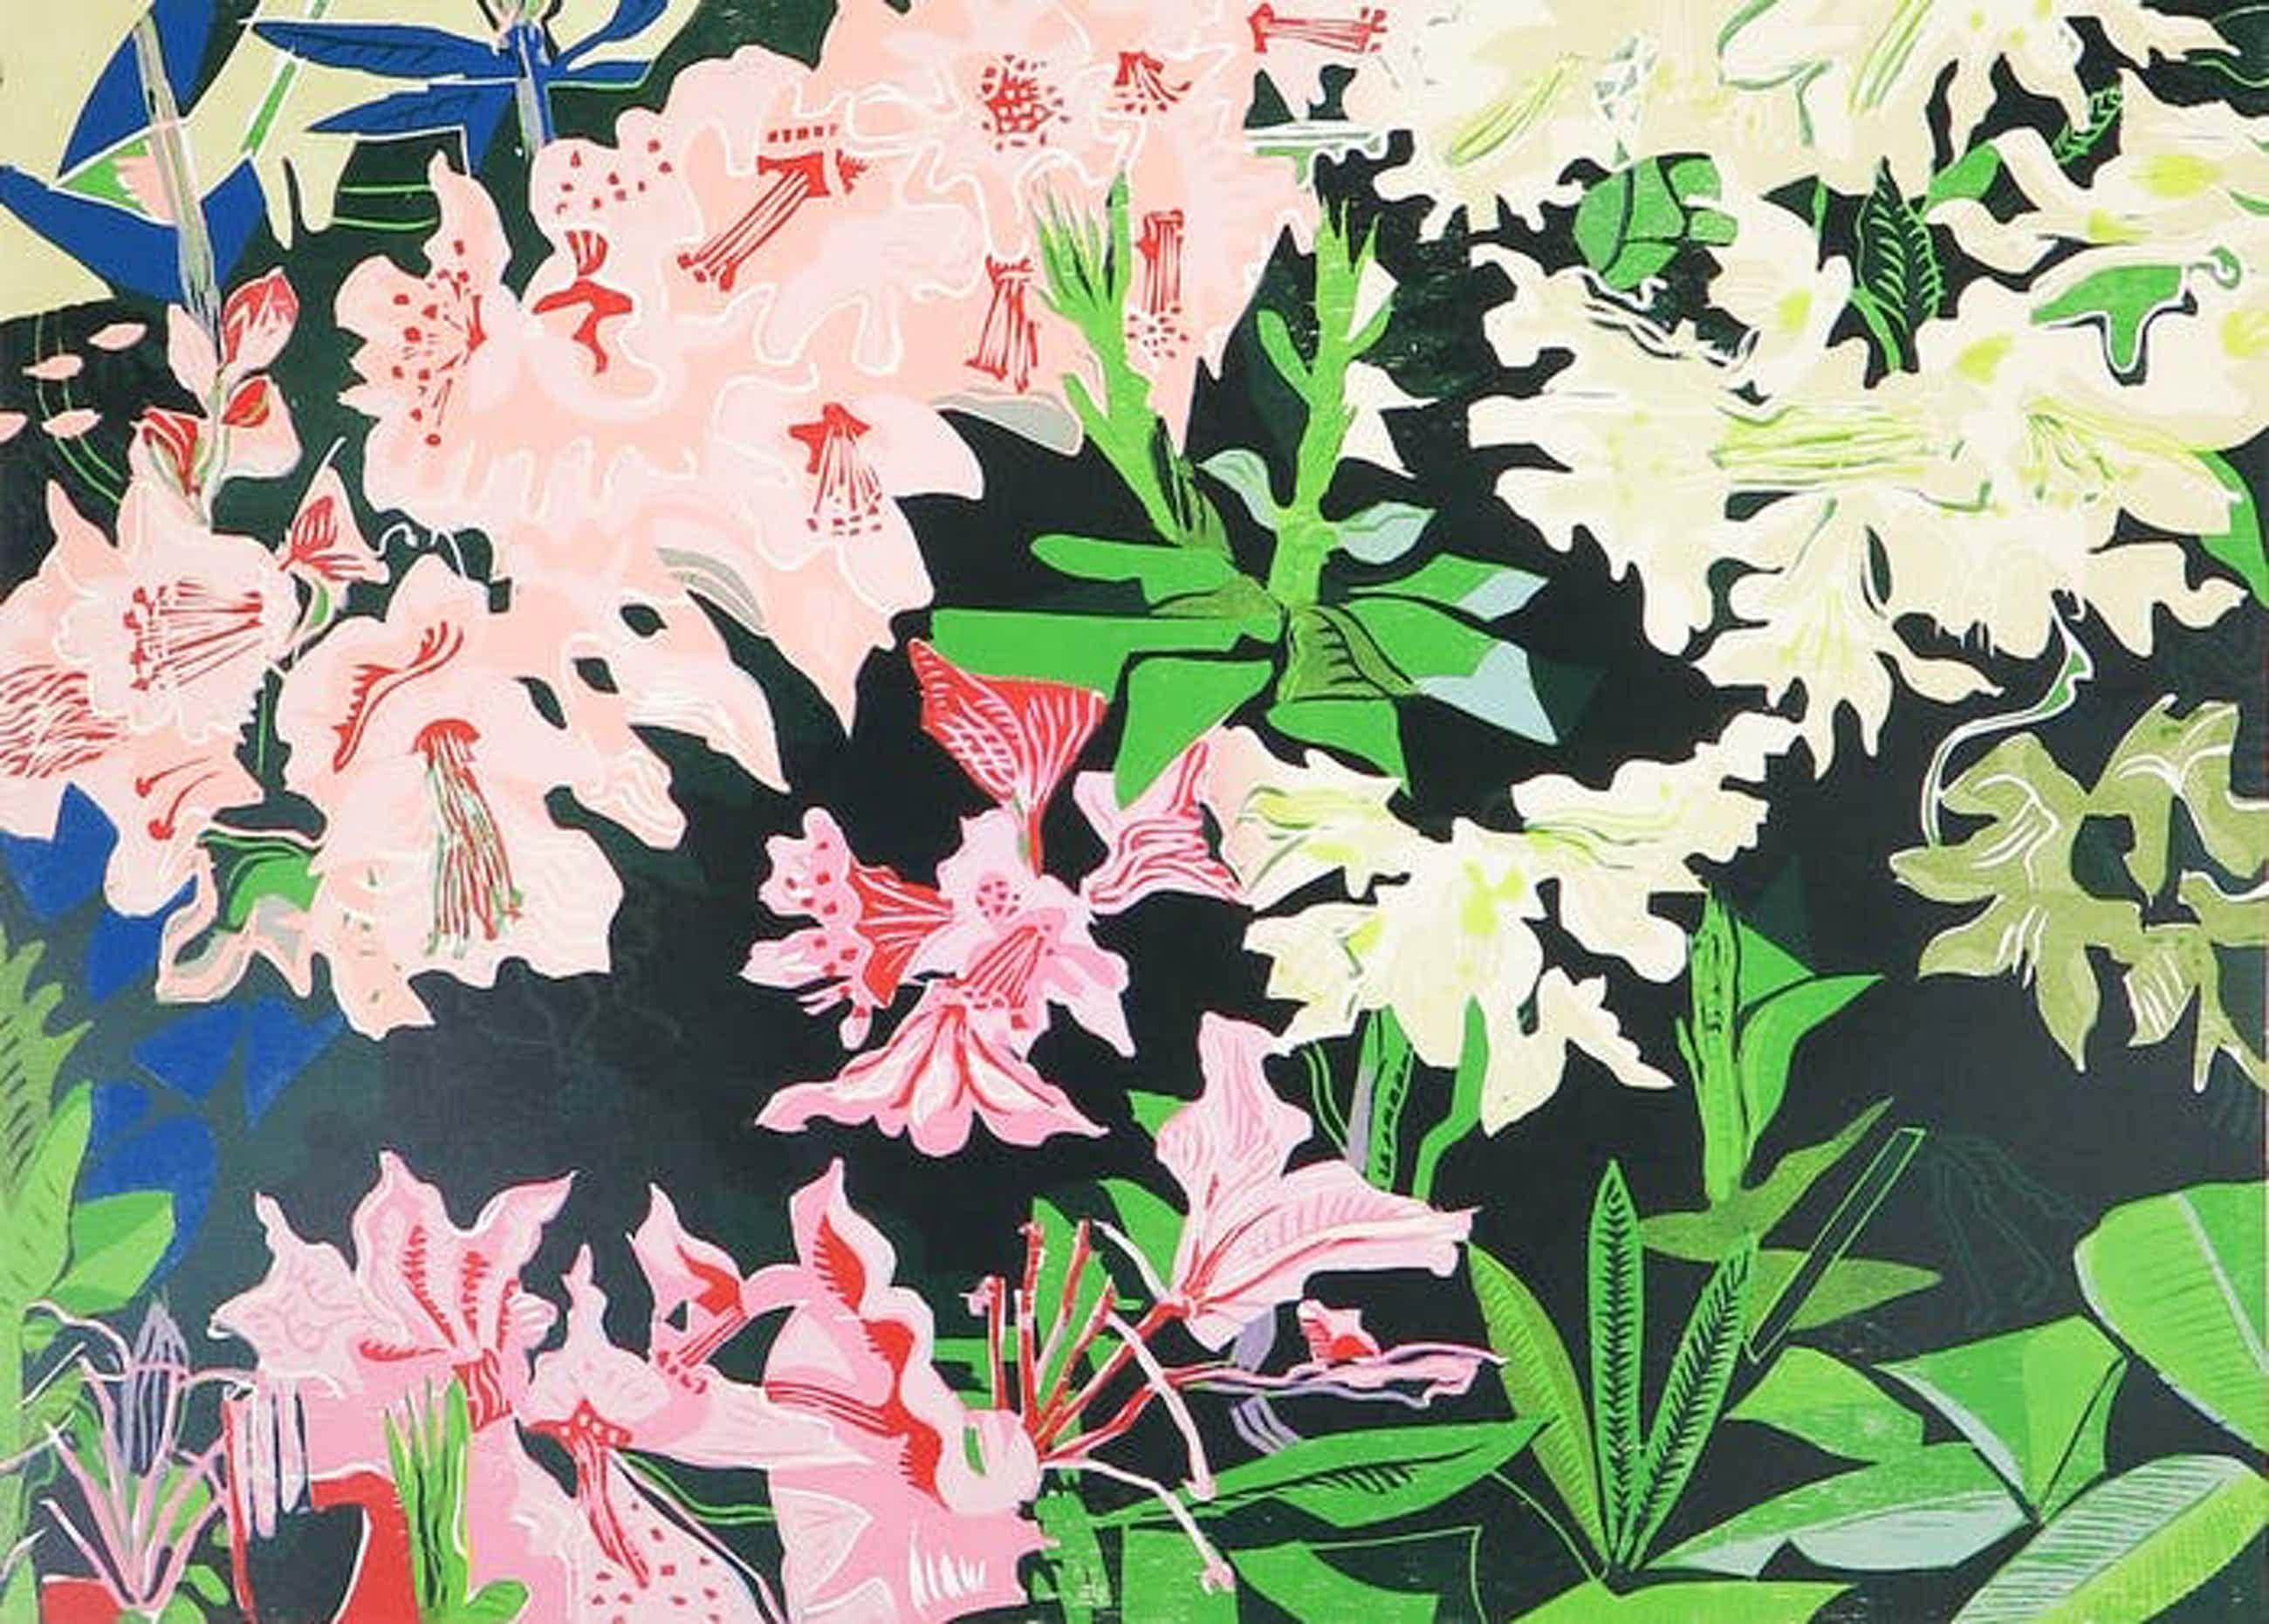 Vincent van Ojen - Houtsnede, Rhododendron kopen? Bied vanaf 80!